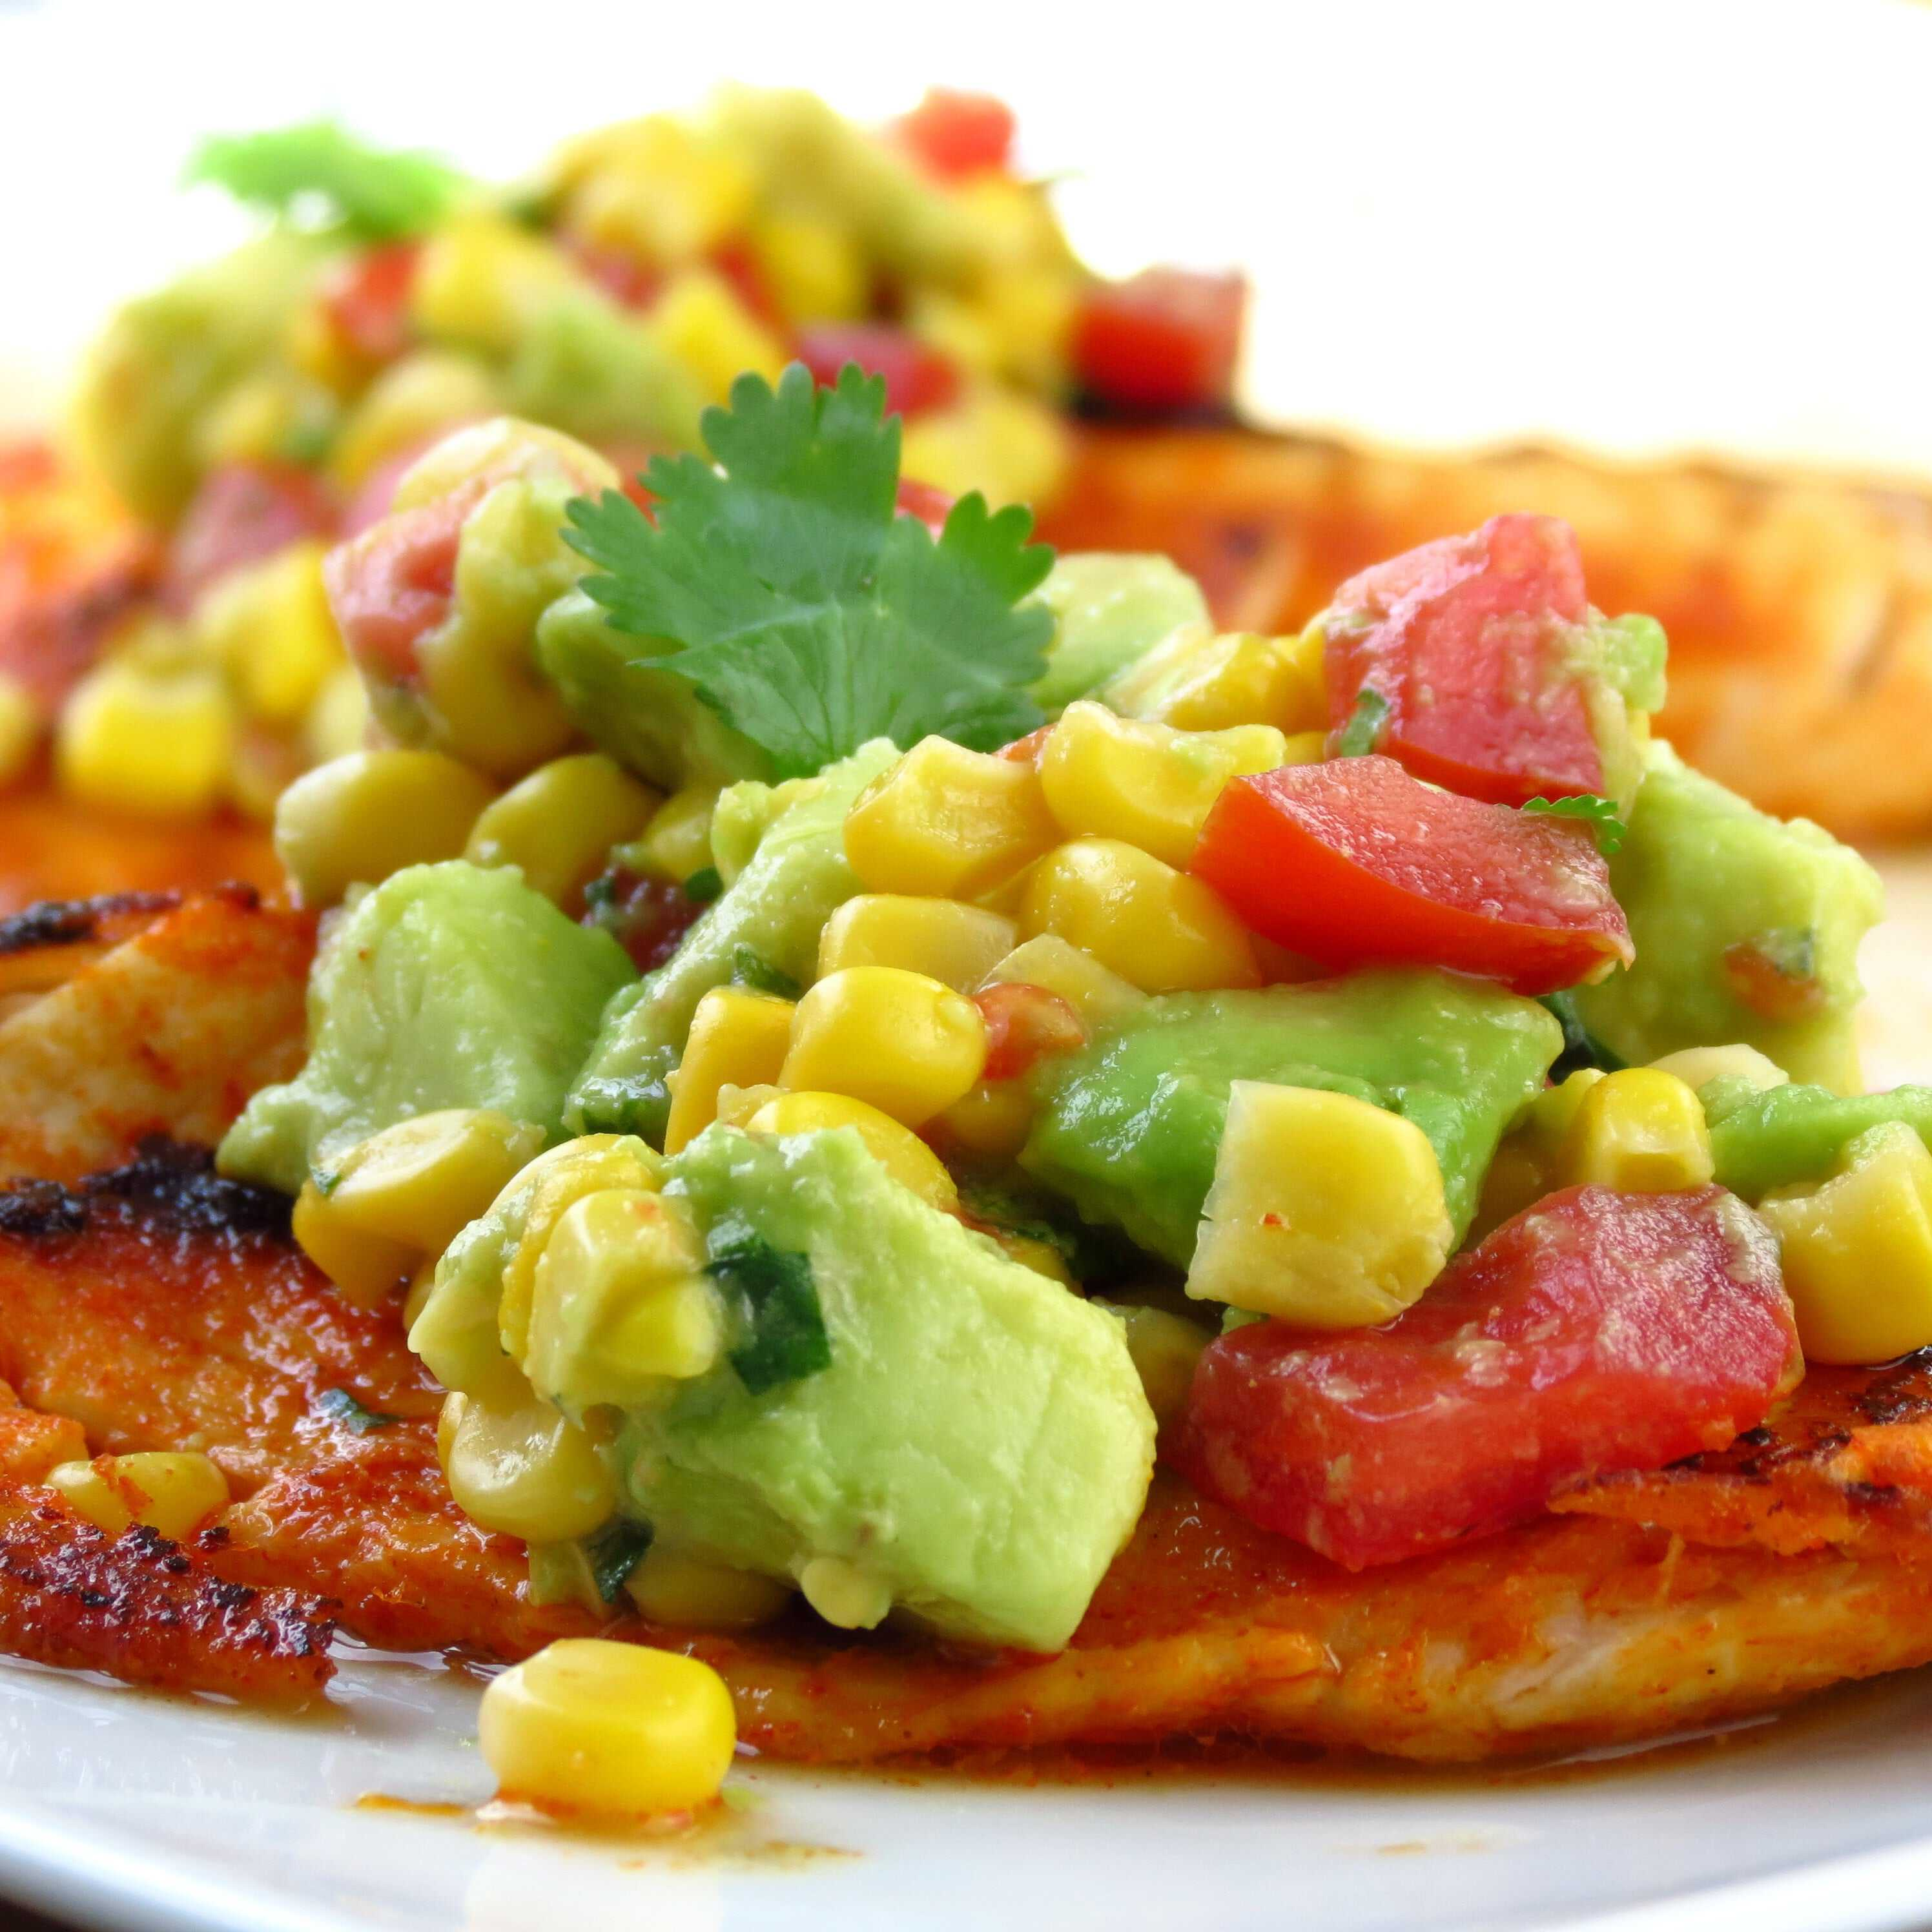 Tilapia with Avocado and Corn Salsa